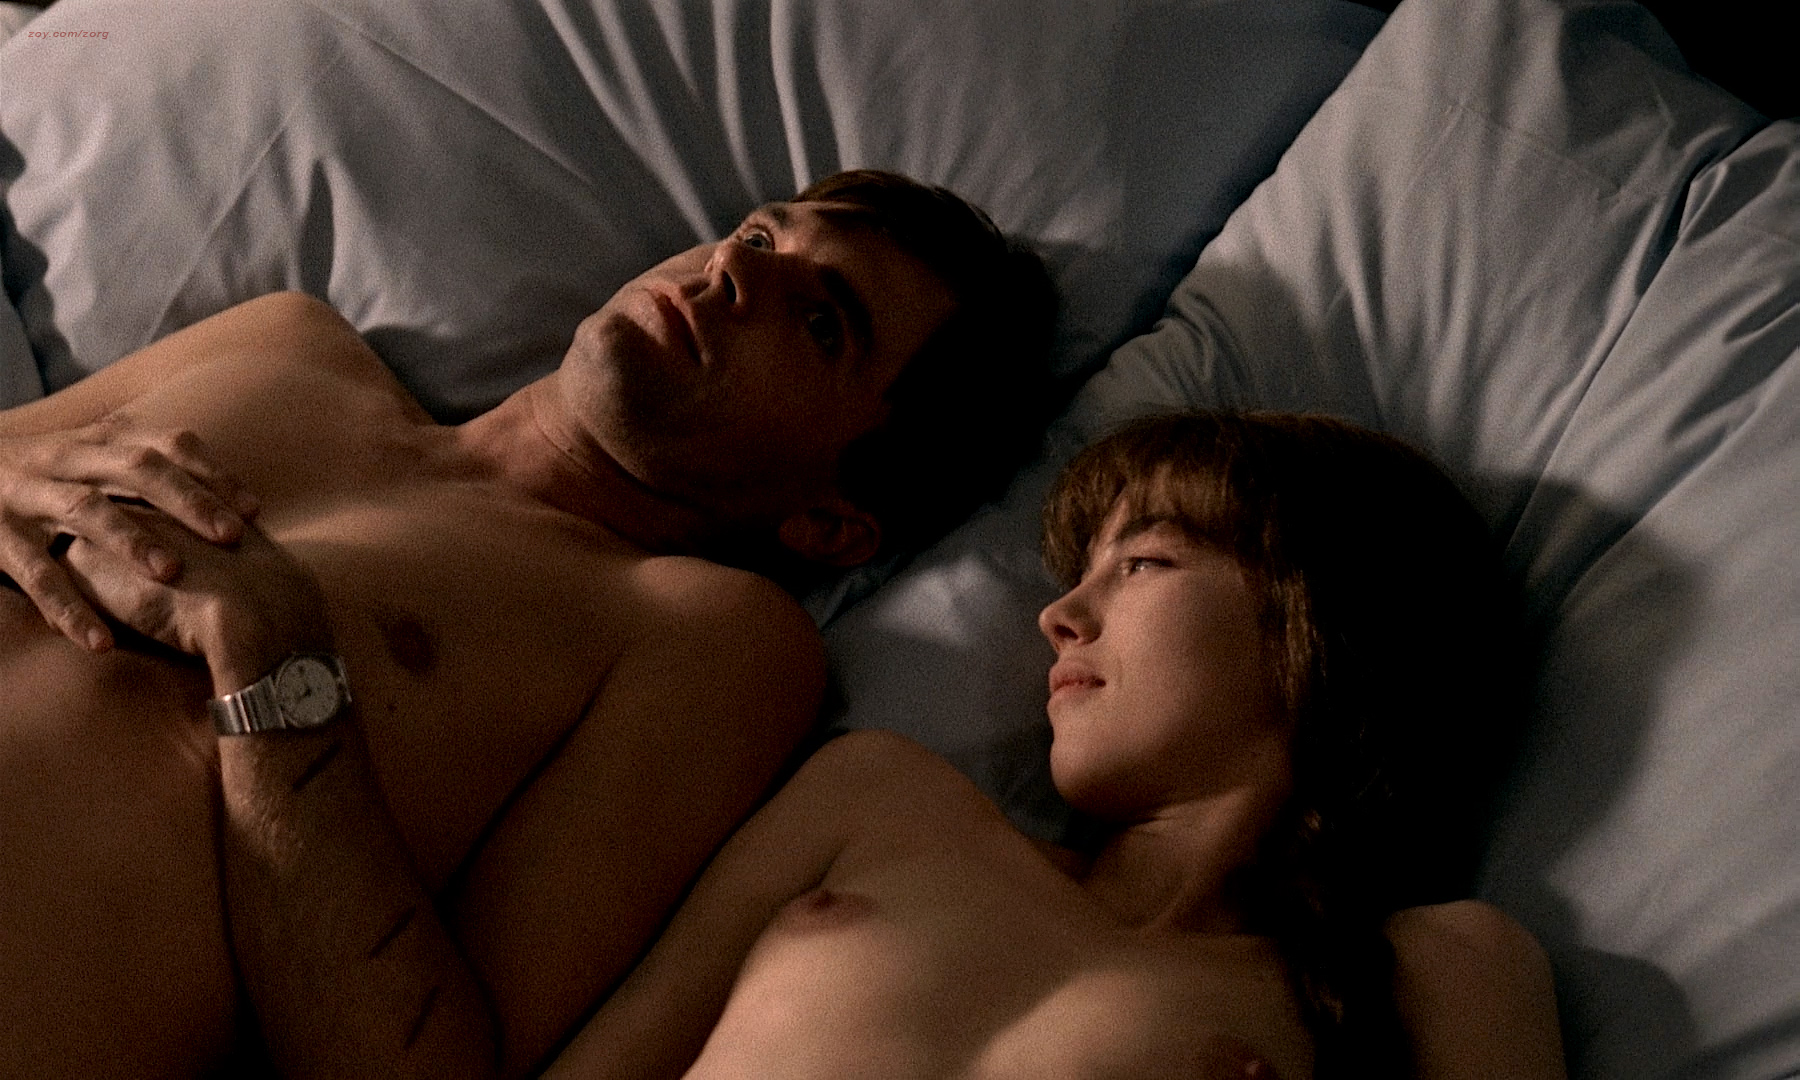 Adjani isabelle madonna movie nude sex